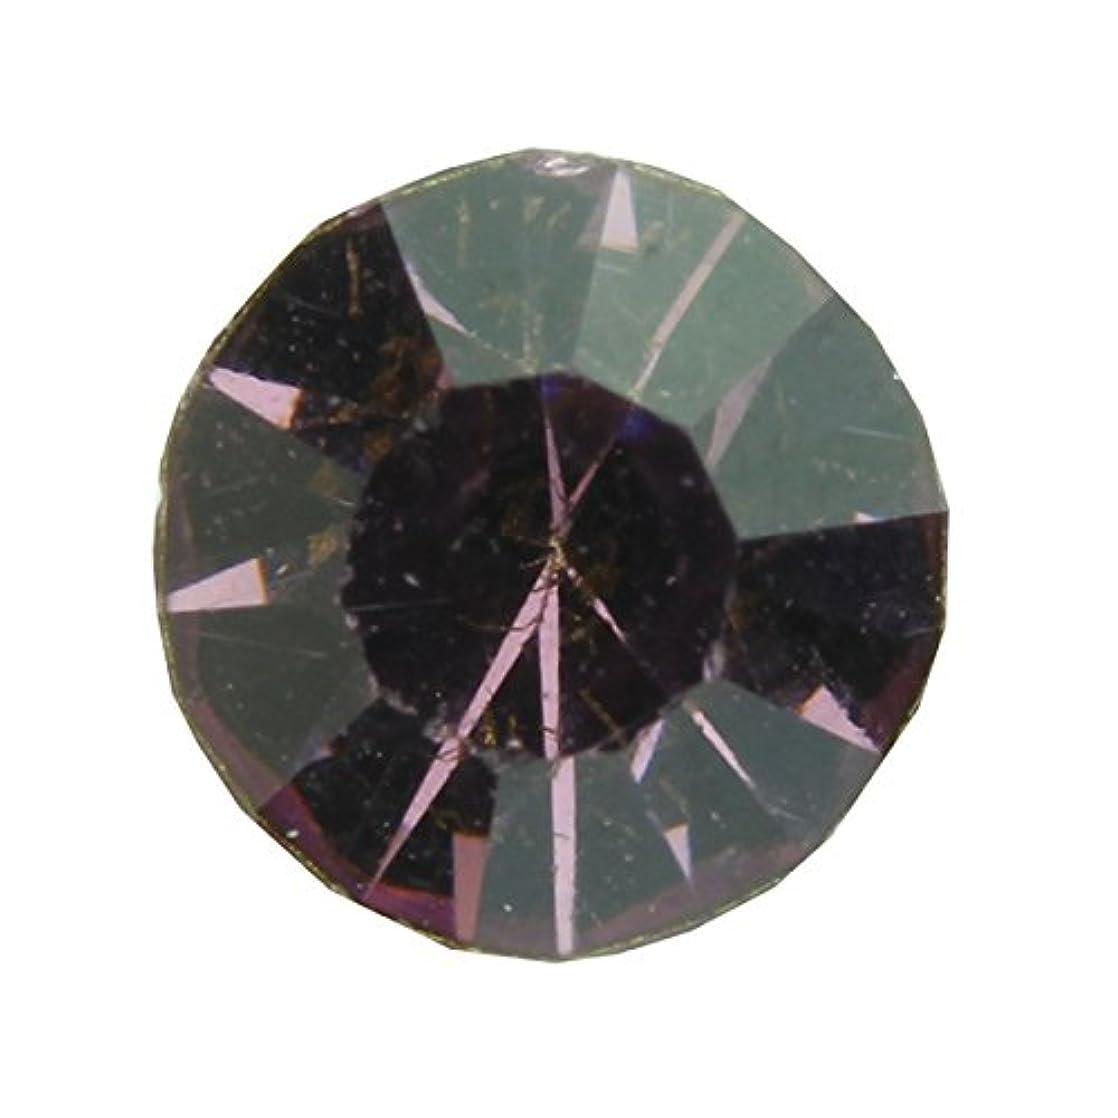 請求書物理的に大騒ぎアクリルストーンVカット ss20(約4.8mm)(30個入り) アメジスト